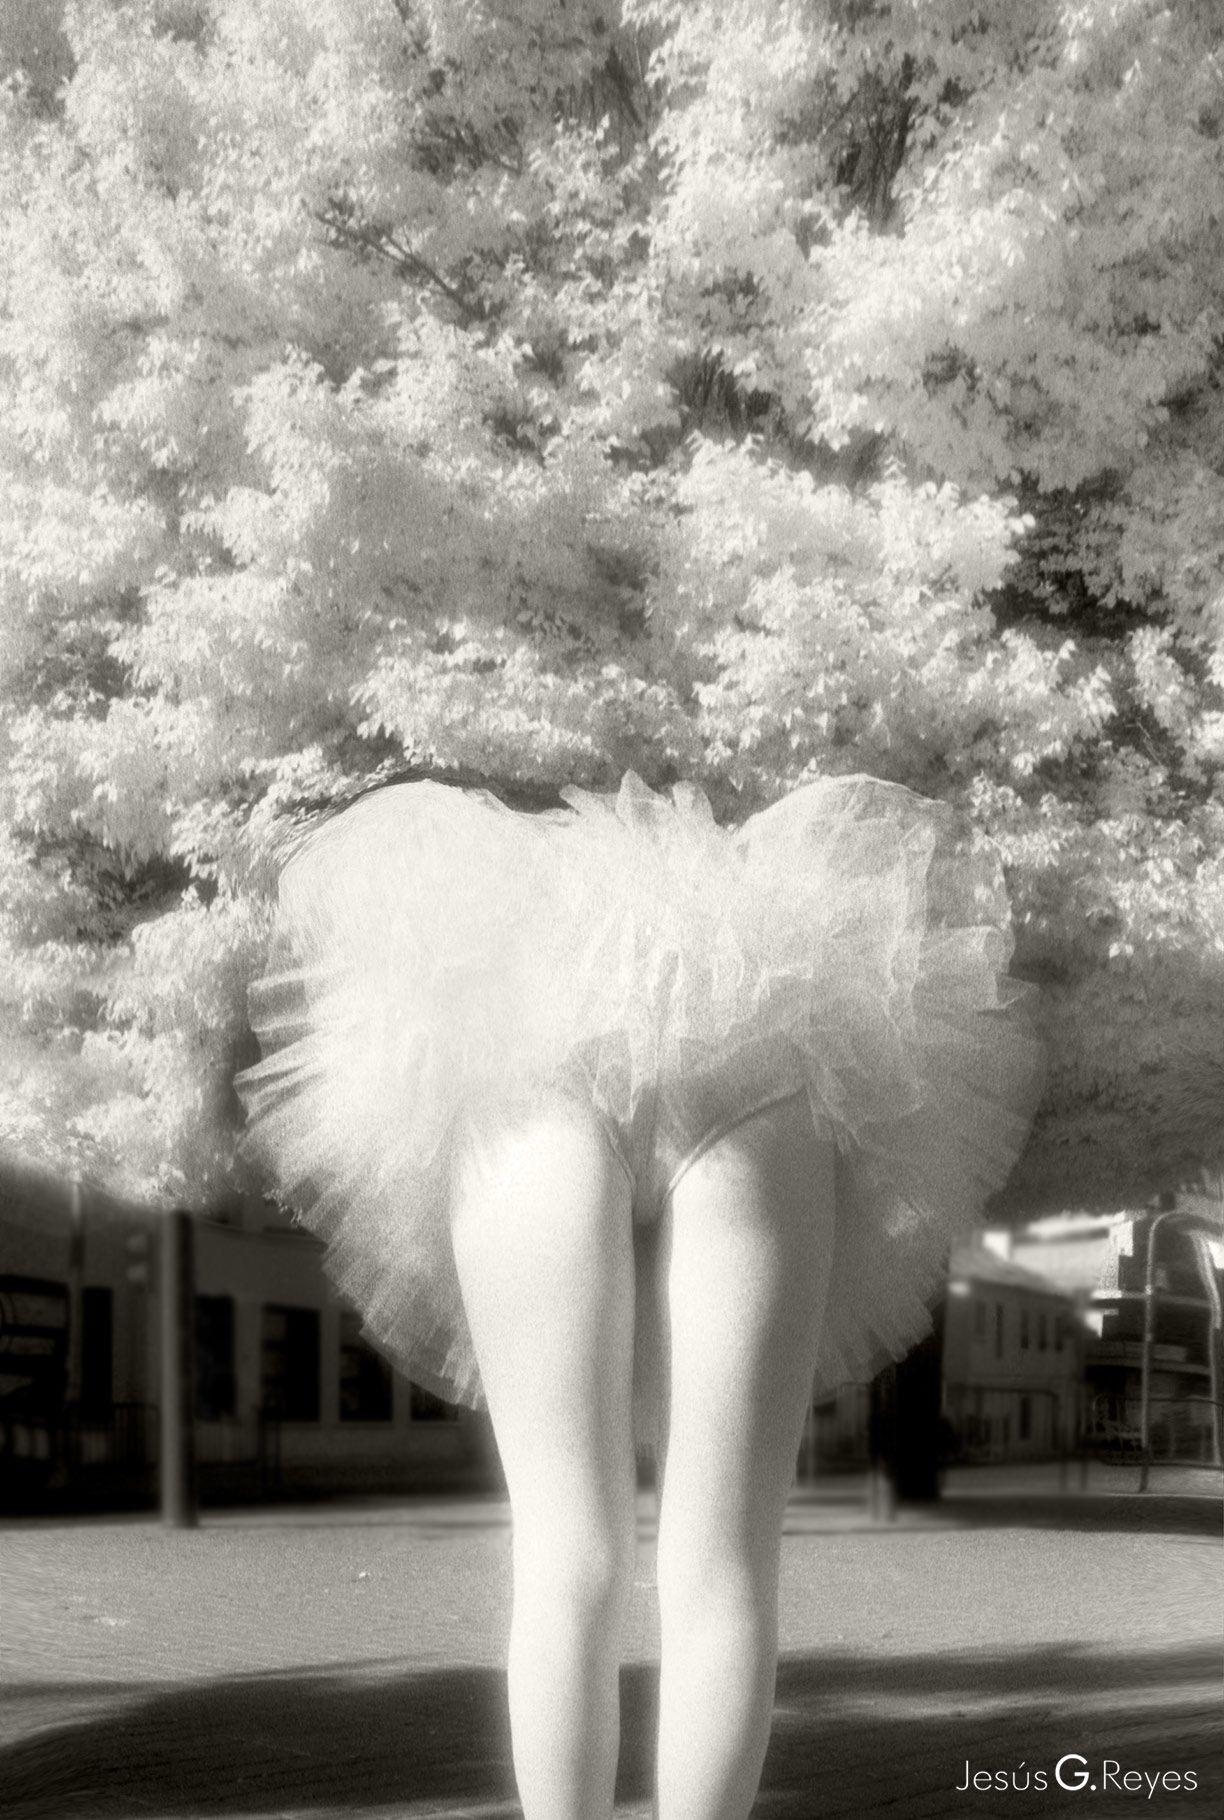 Primer premio. V Concurso FOTO-ZOOM. Alcalá de Henares. Madrid.